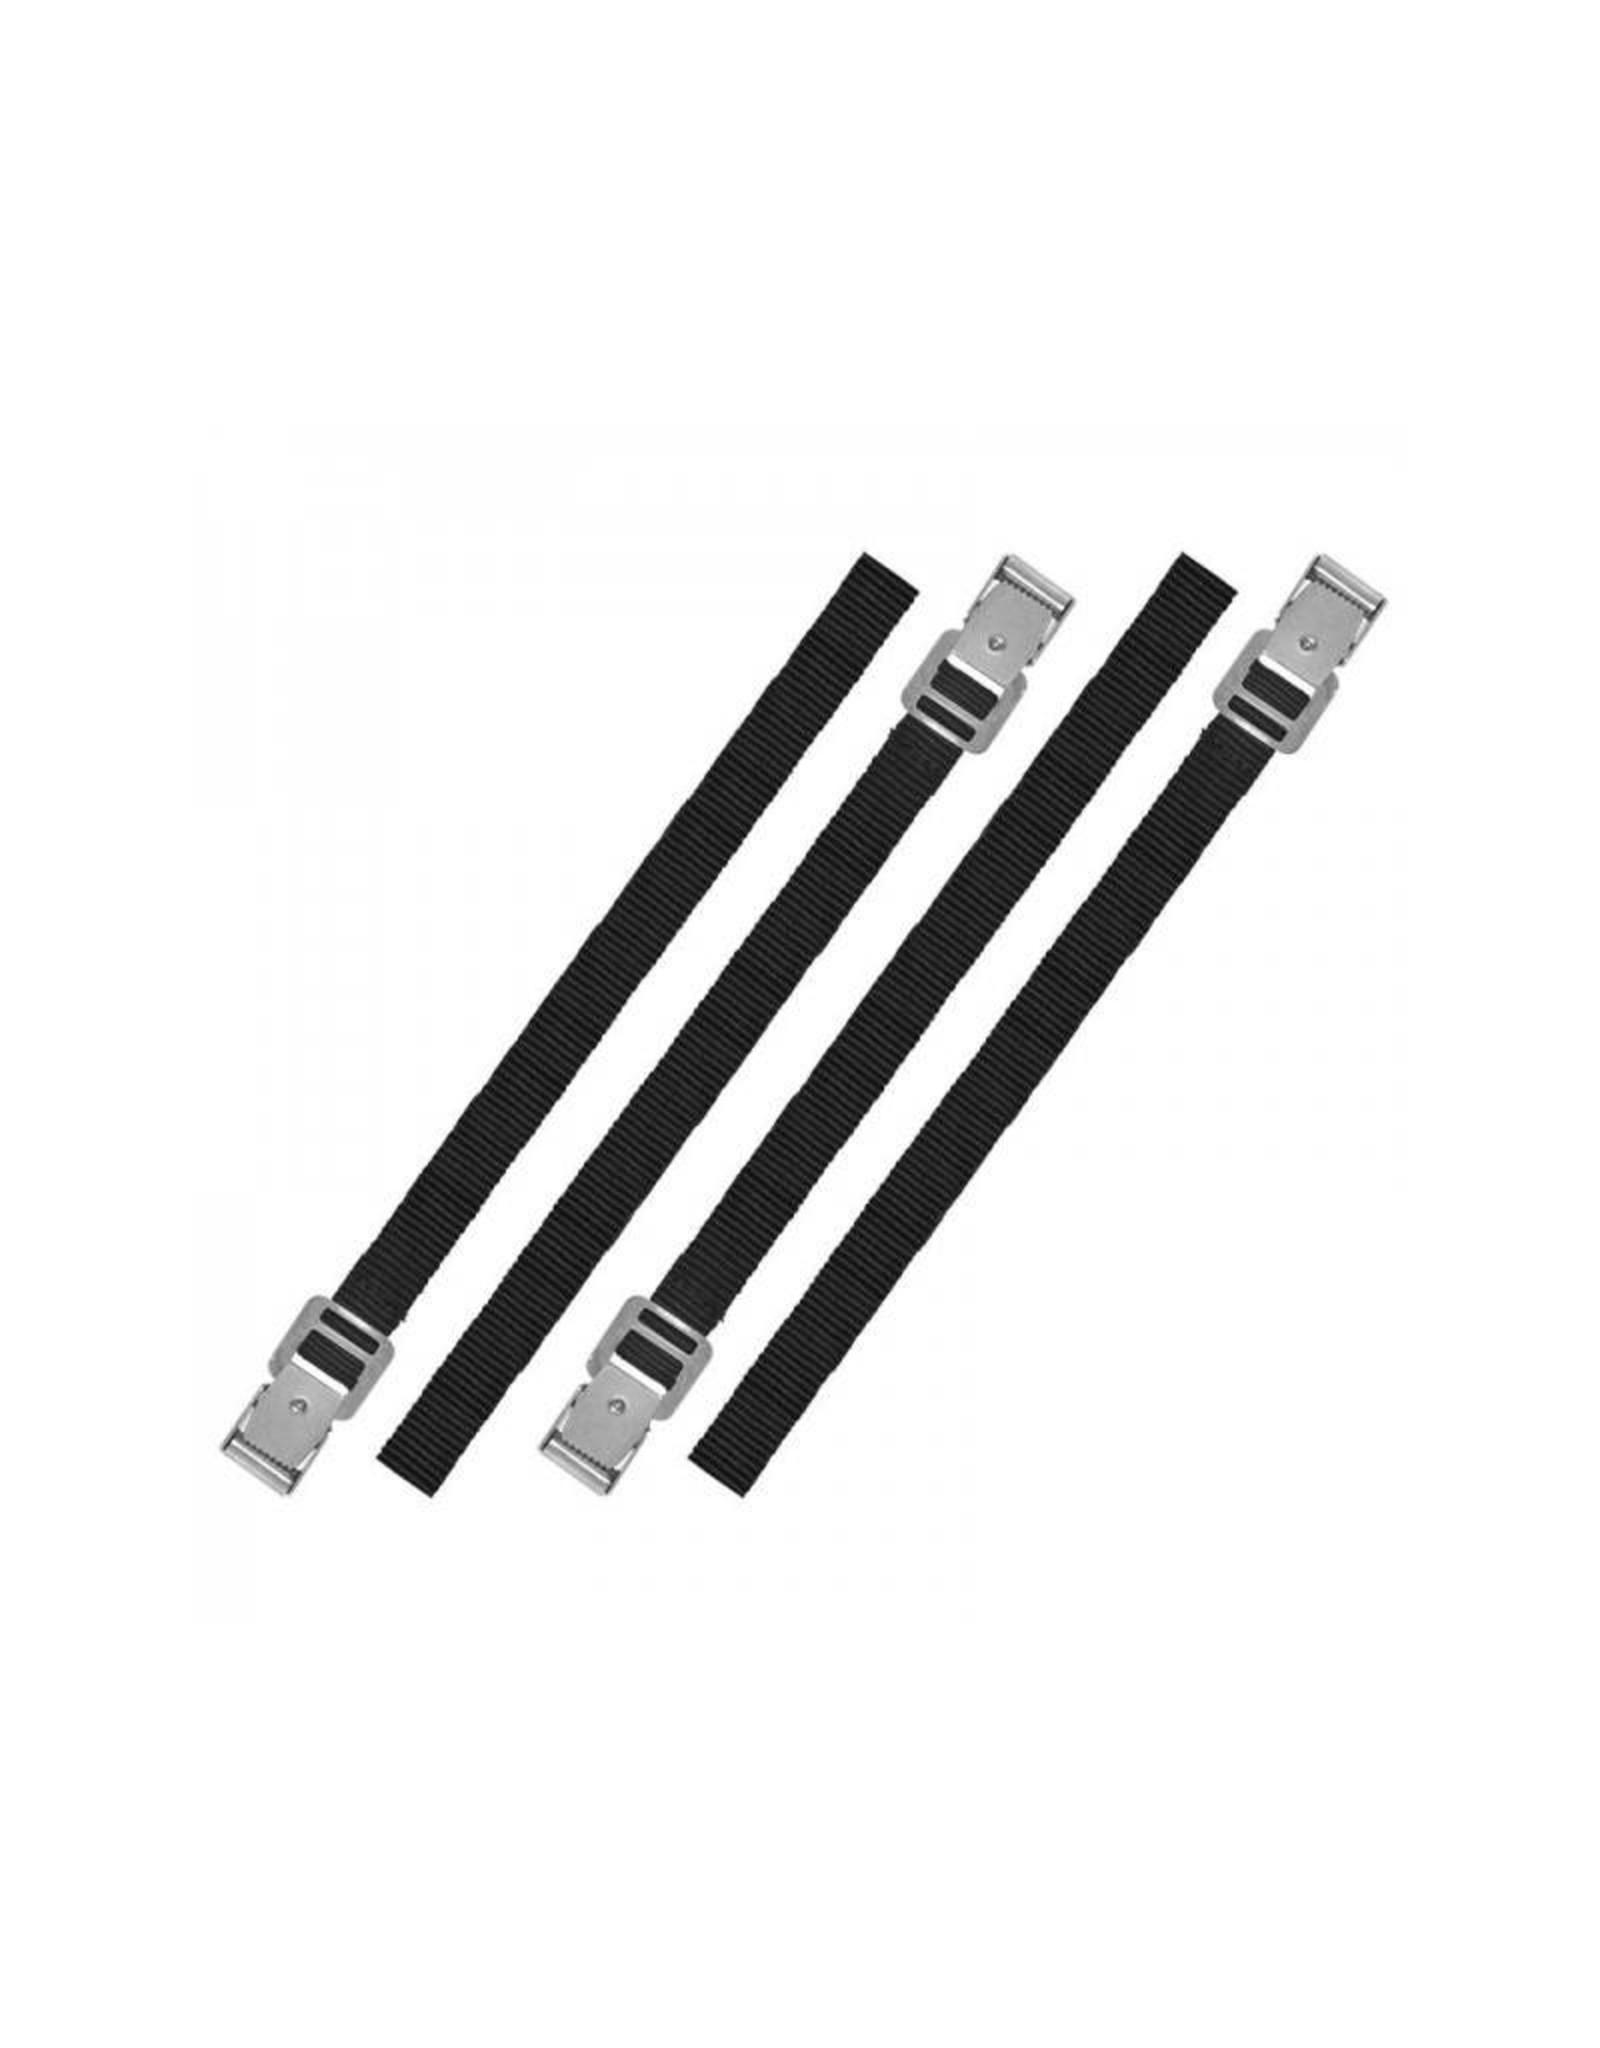 Bindriemen met metalen gesp 18mm-40cm set van 4 stuks